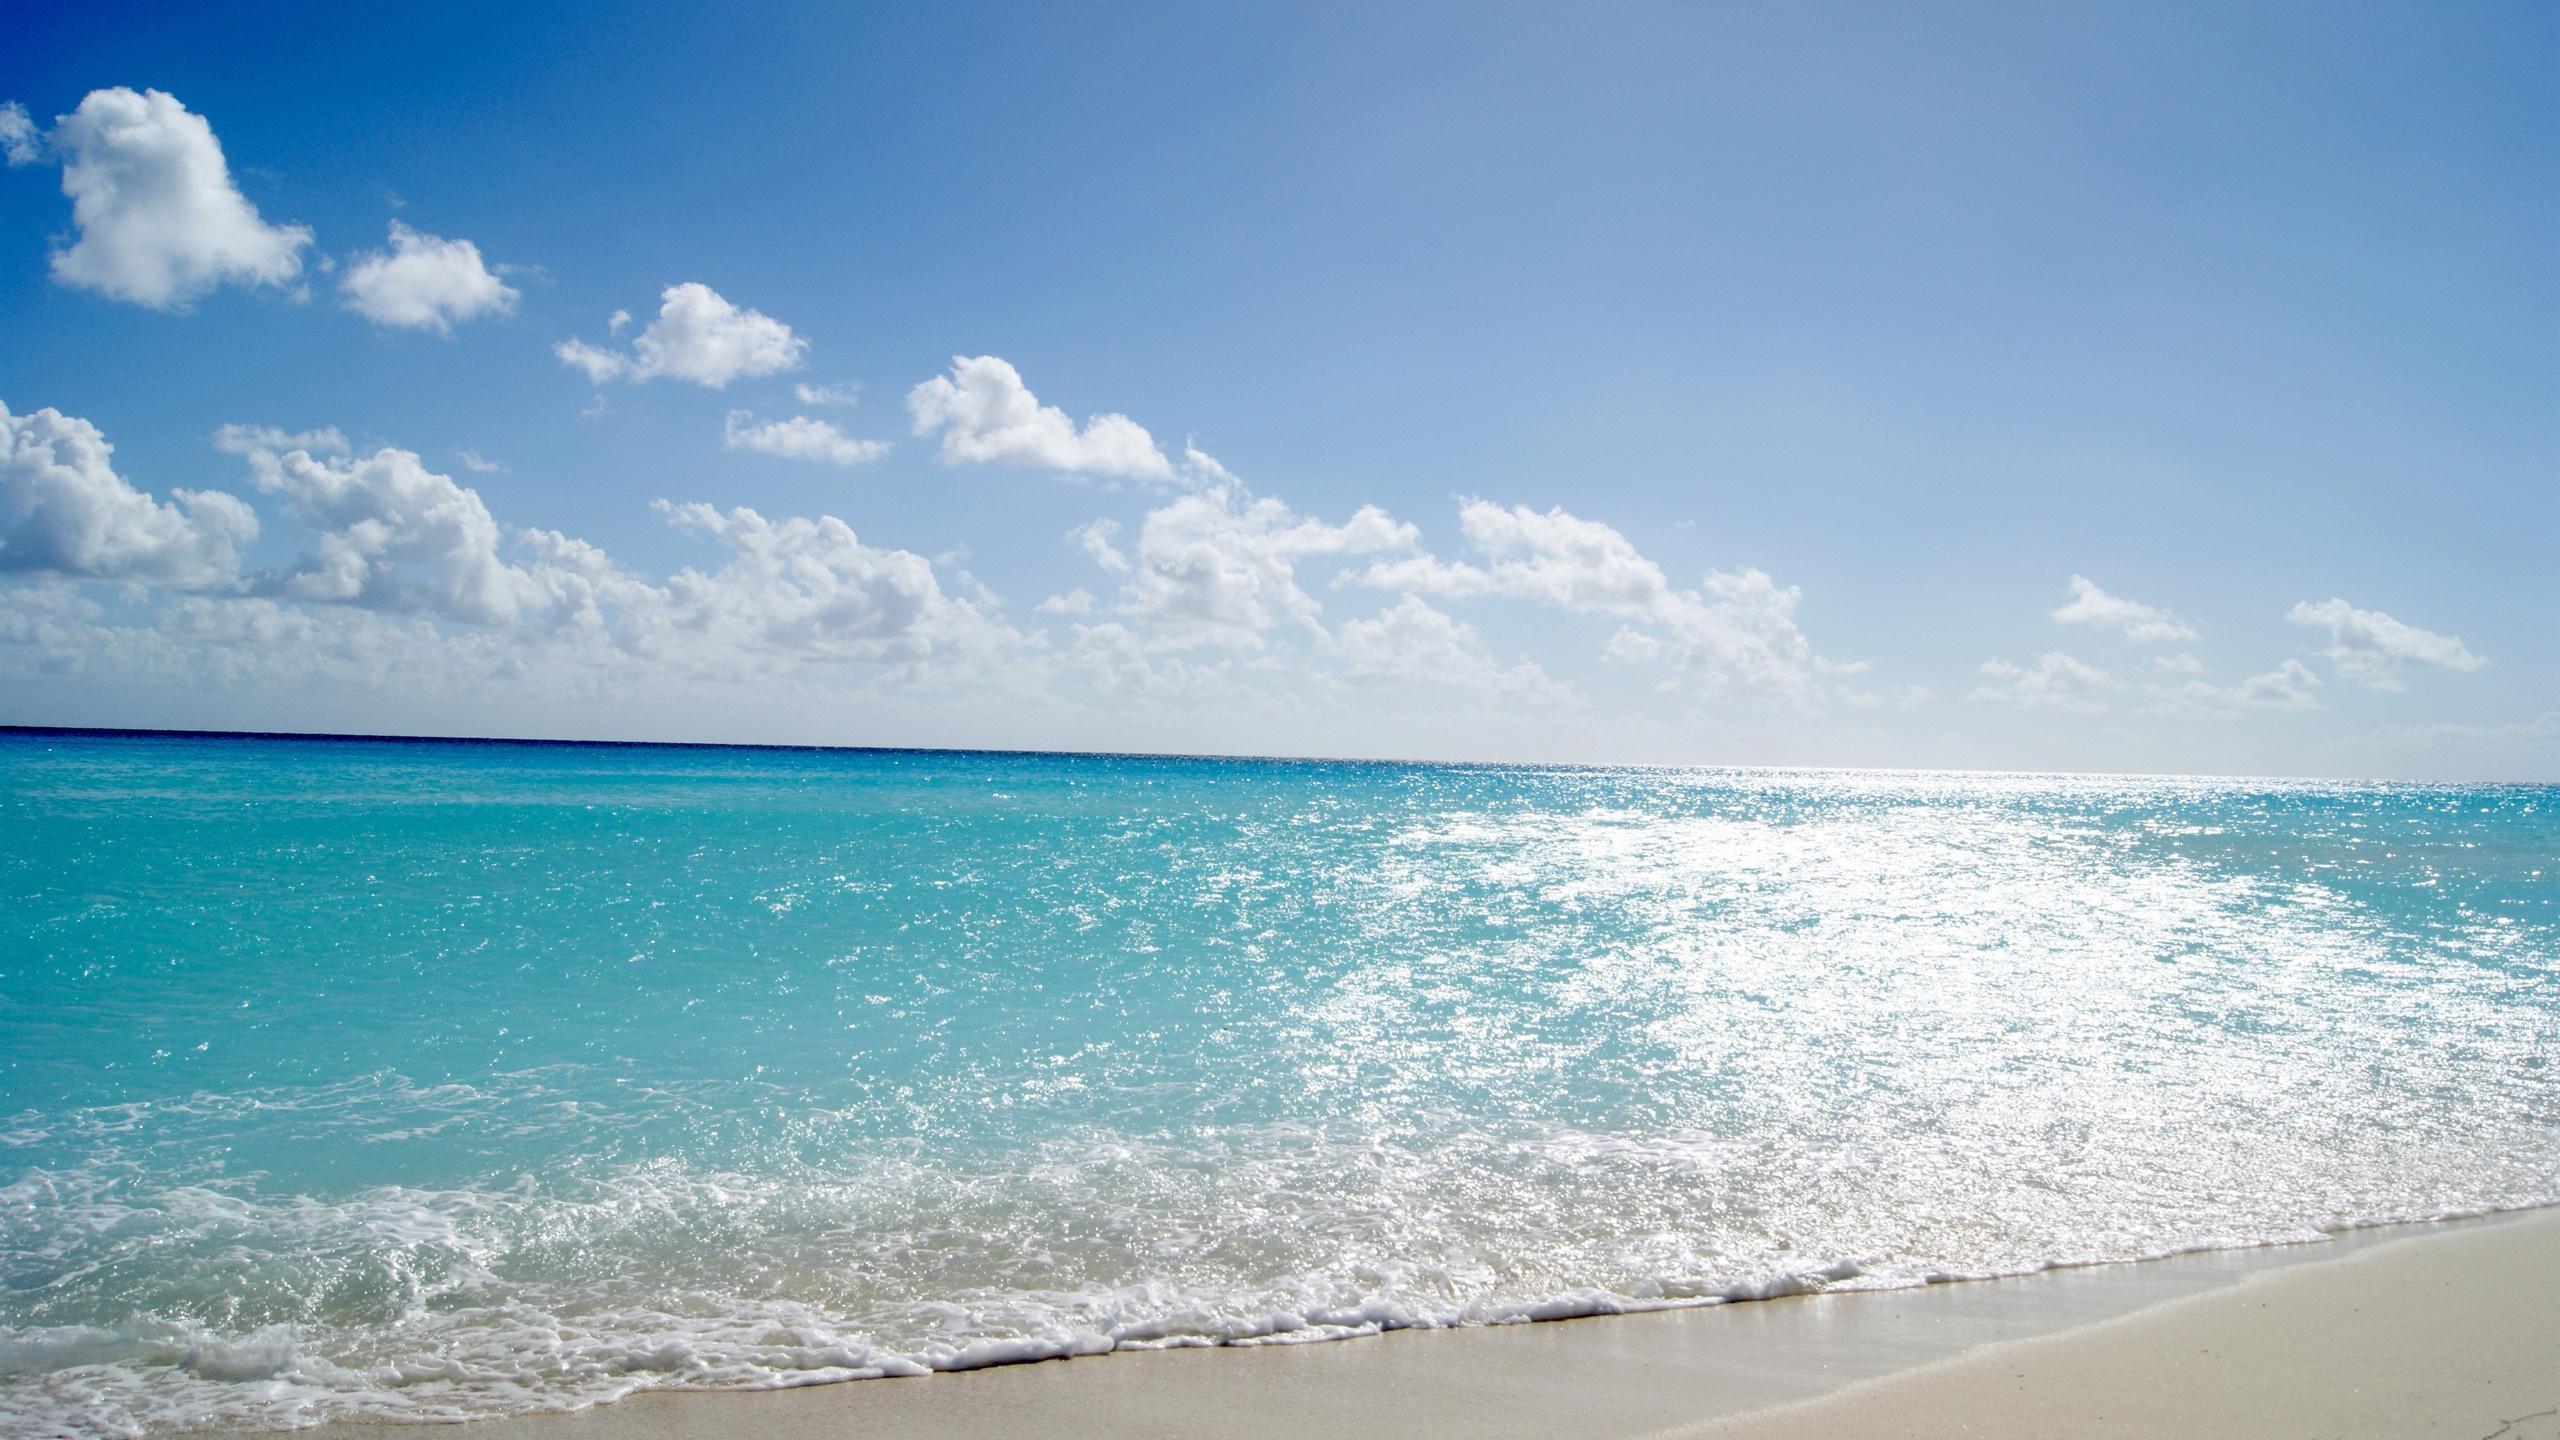 Hd tapeta moře voda modrá světle léto pláž teplý písek